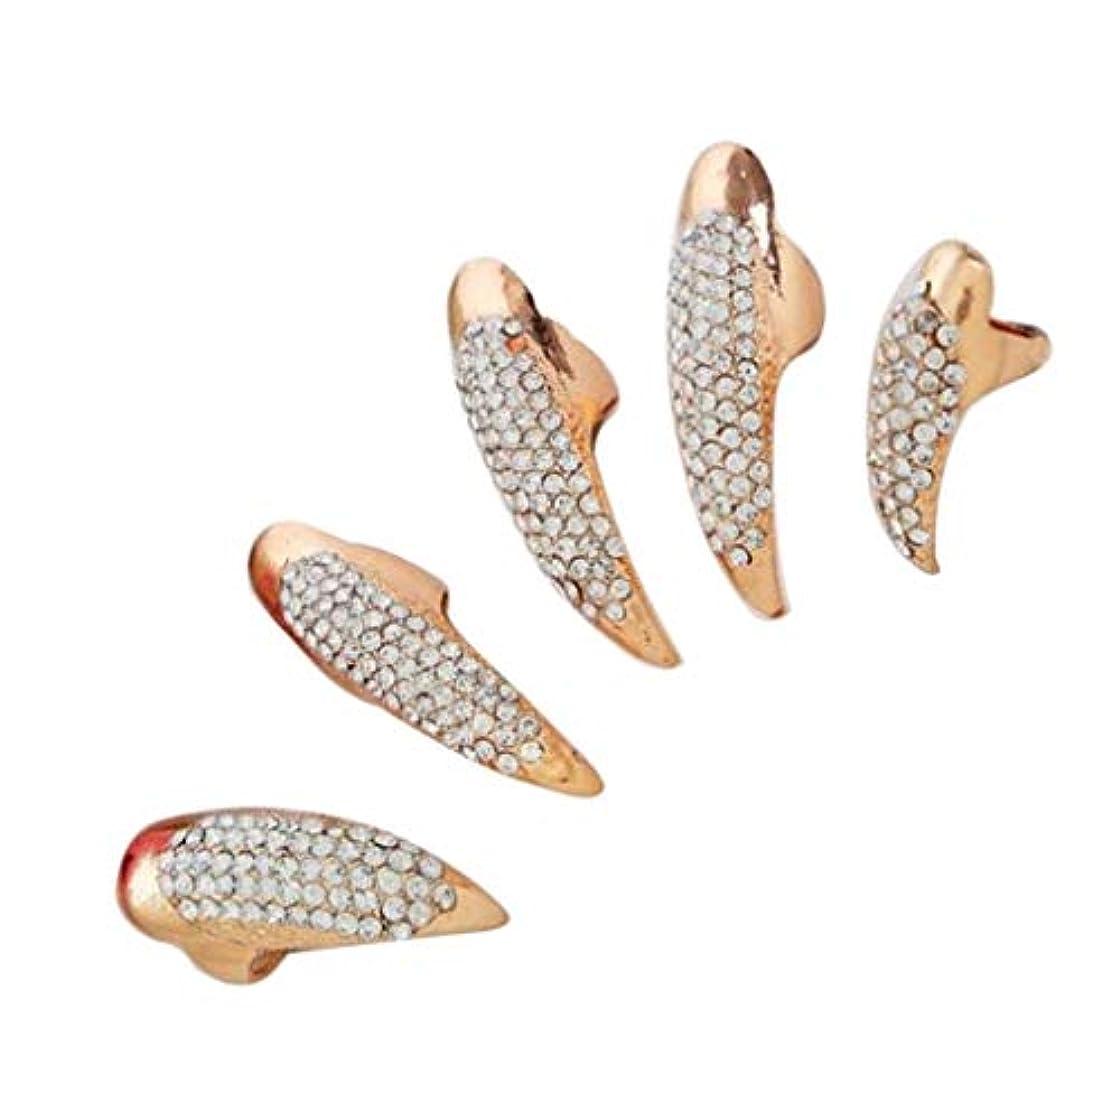 セミナー絡まる望まないネイルリング チップリング 爪の指輪 指先の指輪 ネイルアート フォークリング 2色選べ - ゴールデン